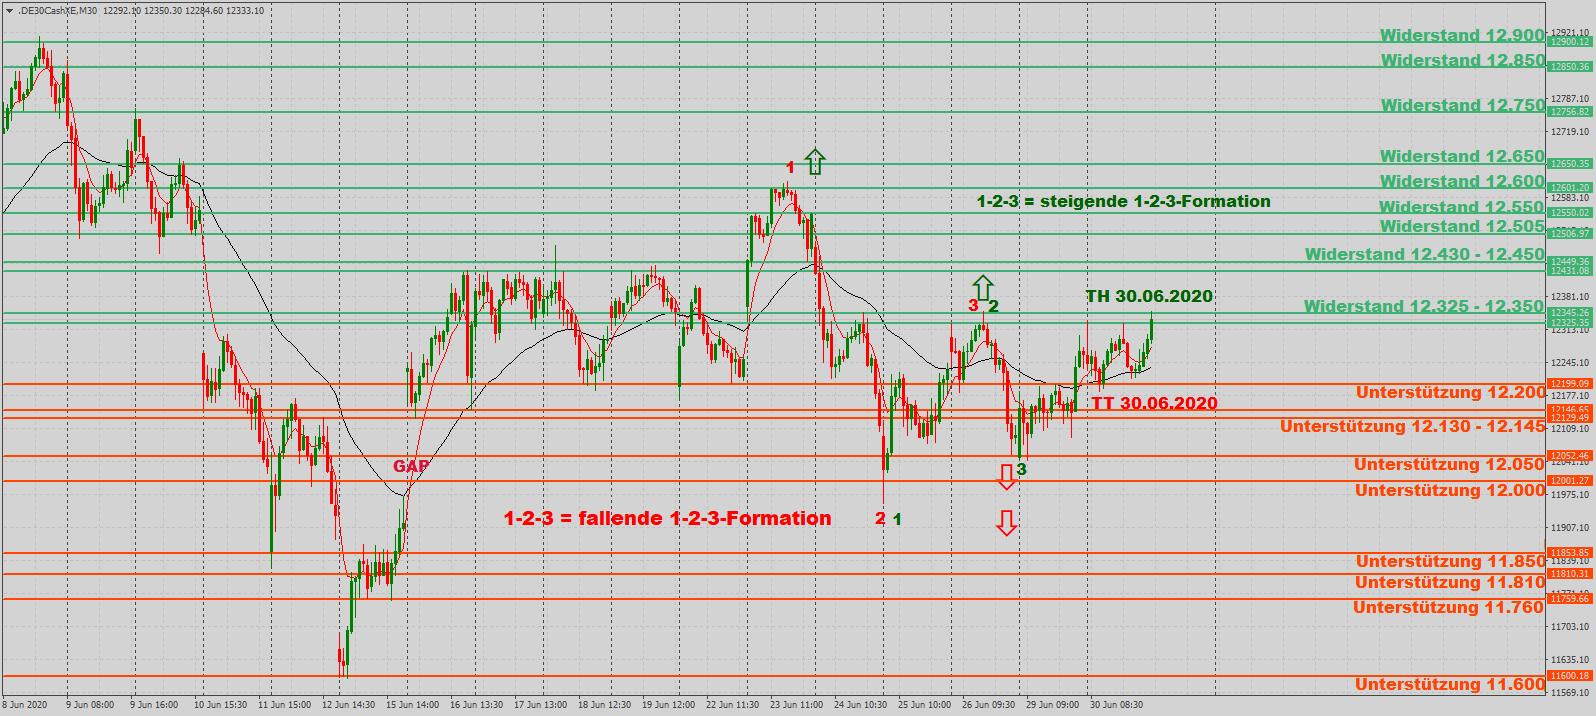 DAX in kleinen Schritten am Punkt 2 einer steigenden 1-2-3-Formation im 30-Minutenchart